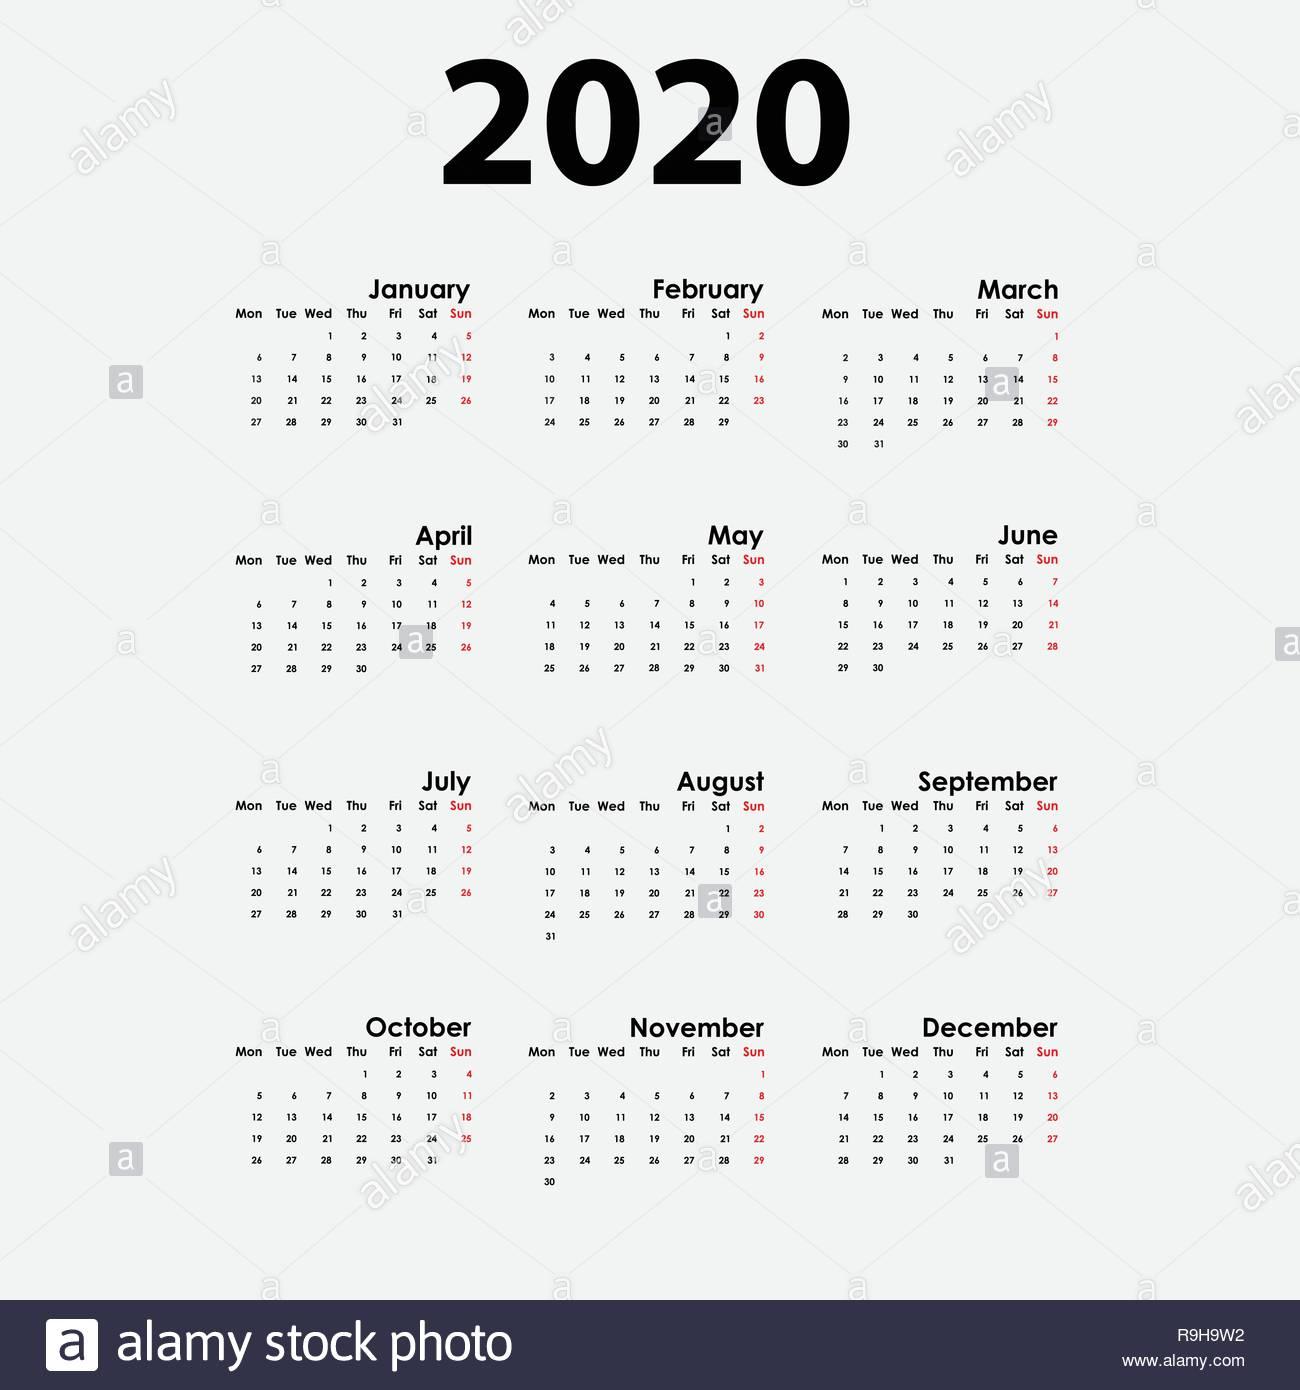 2020 Calendar Template.calendar 2020 Set Of 12 Months